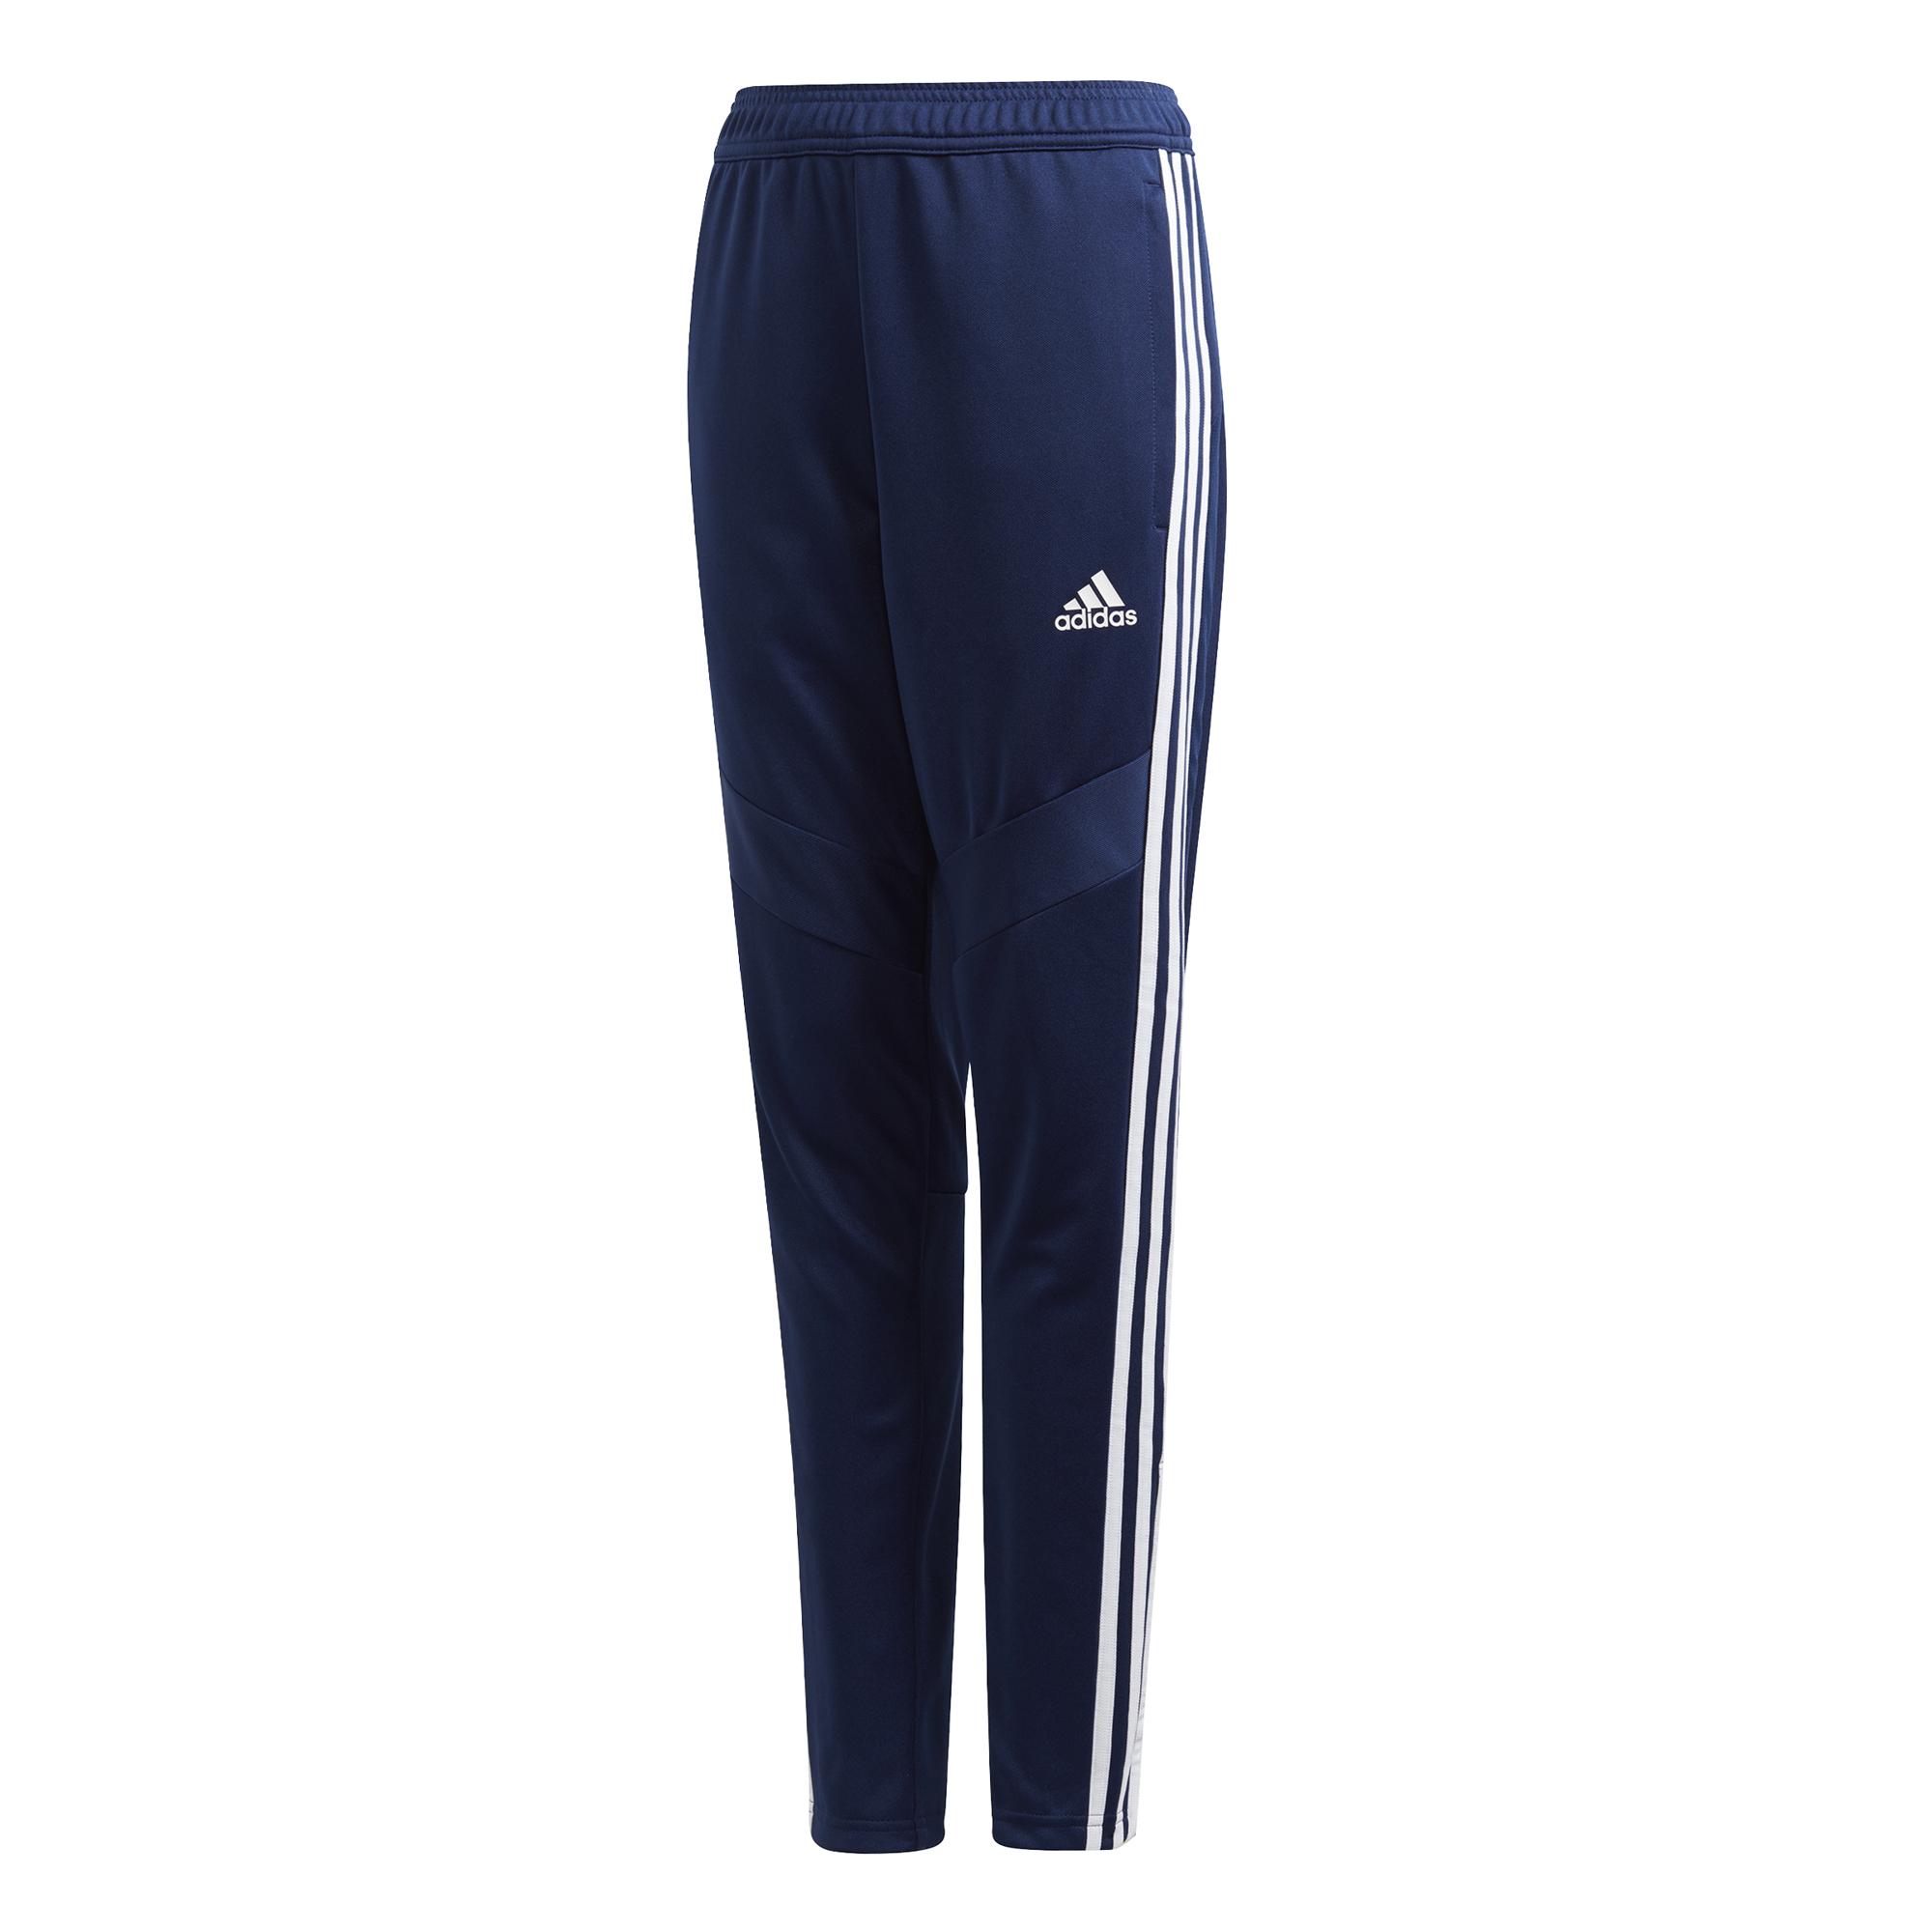 ADIDAS tréninkové kalhoty Tiro 19 dětské